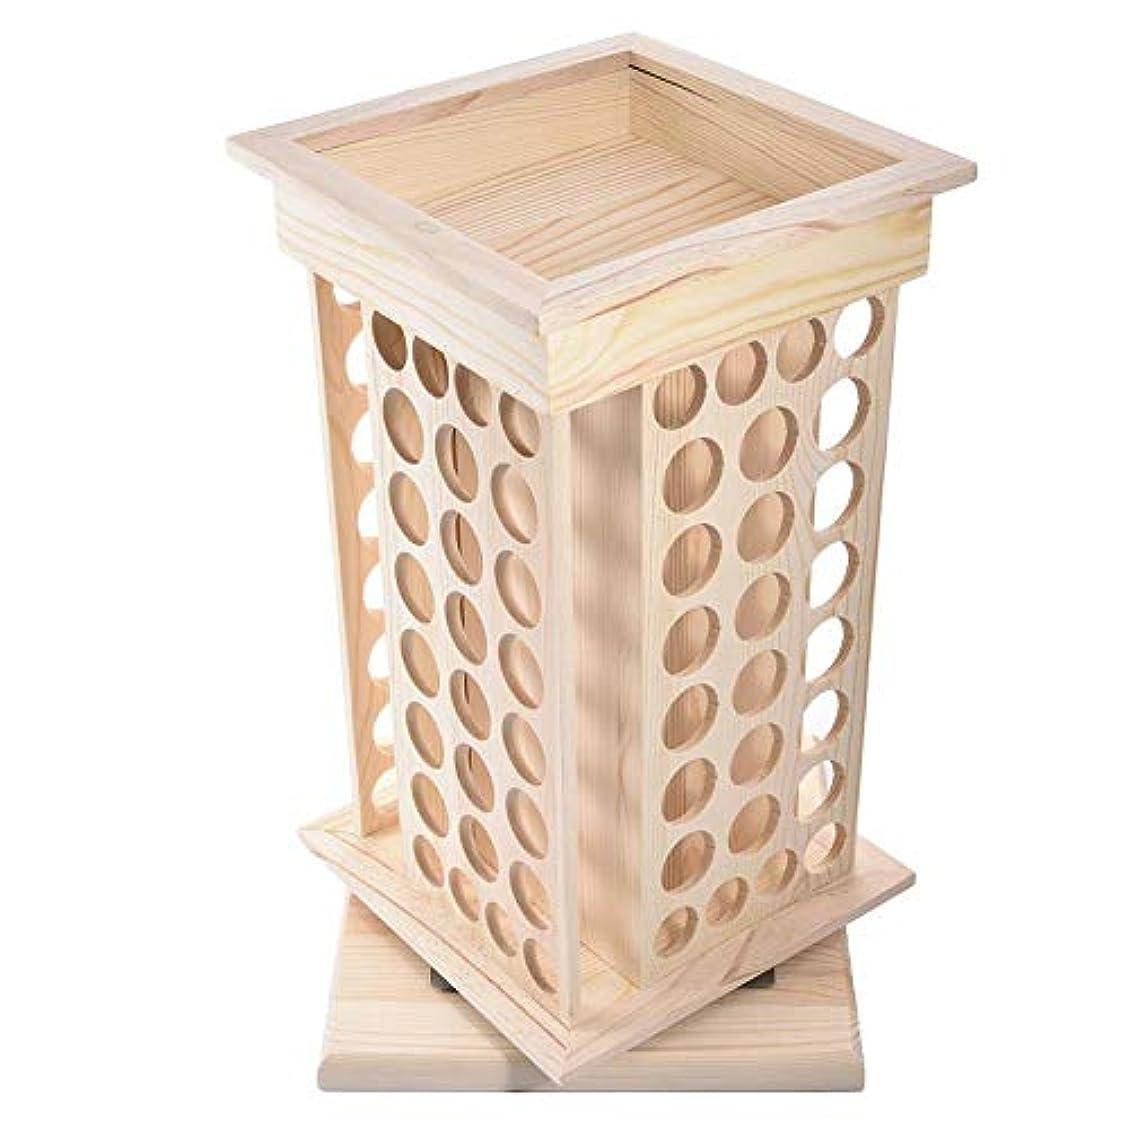 コテージ光沢のあるコンバーチブルPursue アロマオイルスタンド 精油収納 香水展示スタンド エッセンシャルオイル収納 木製 104本用